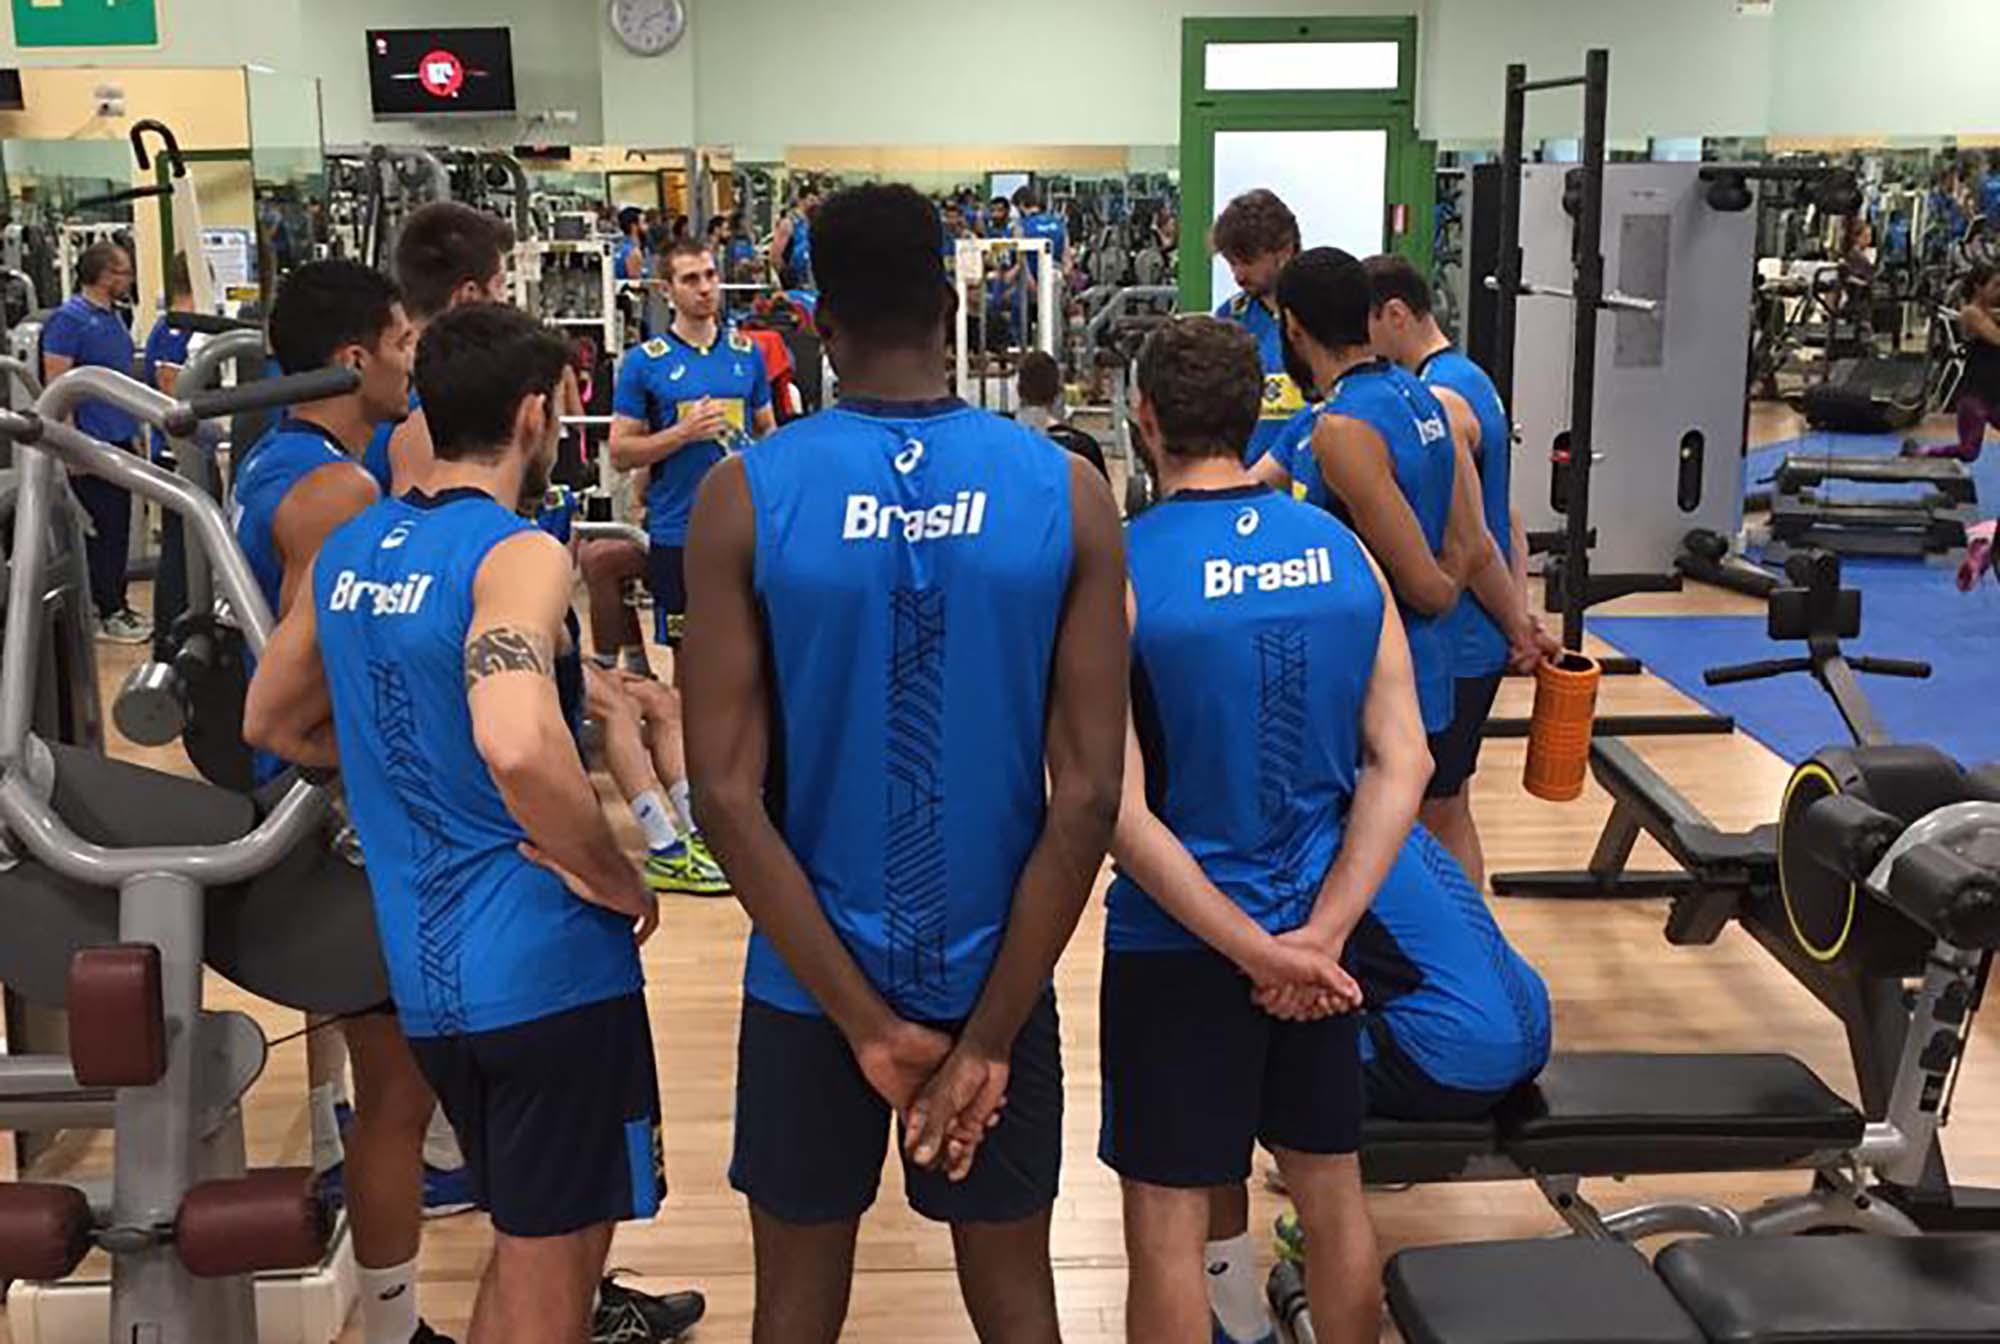 Seleção brasileira desembarca em Bolonha para segunda fase